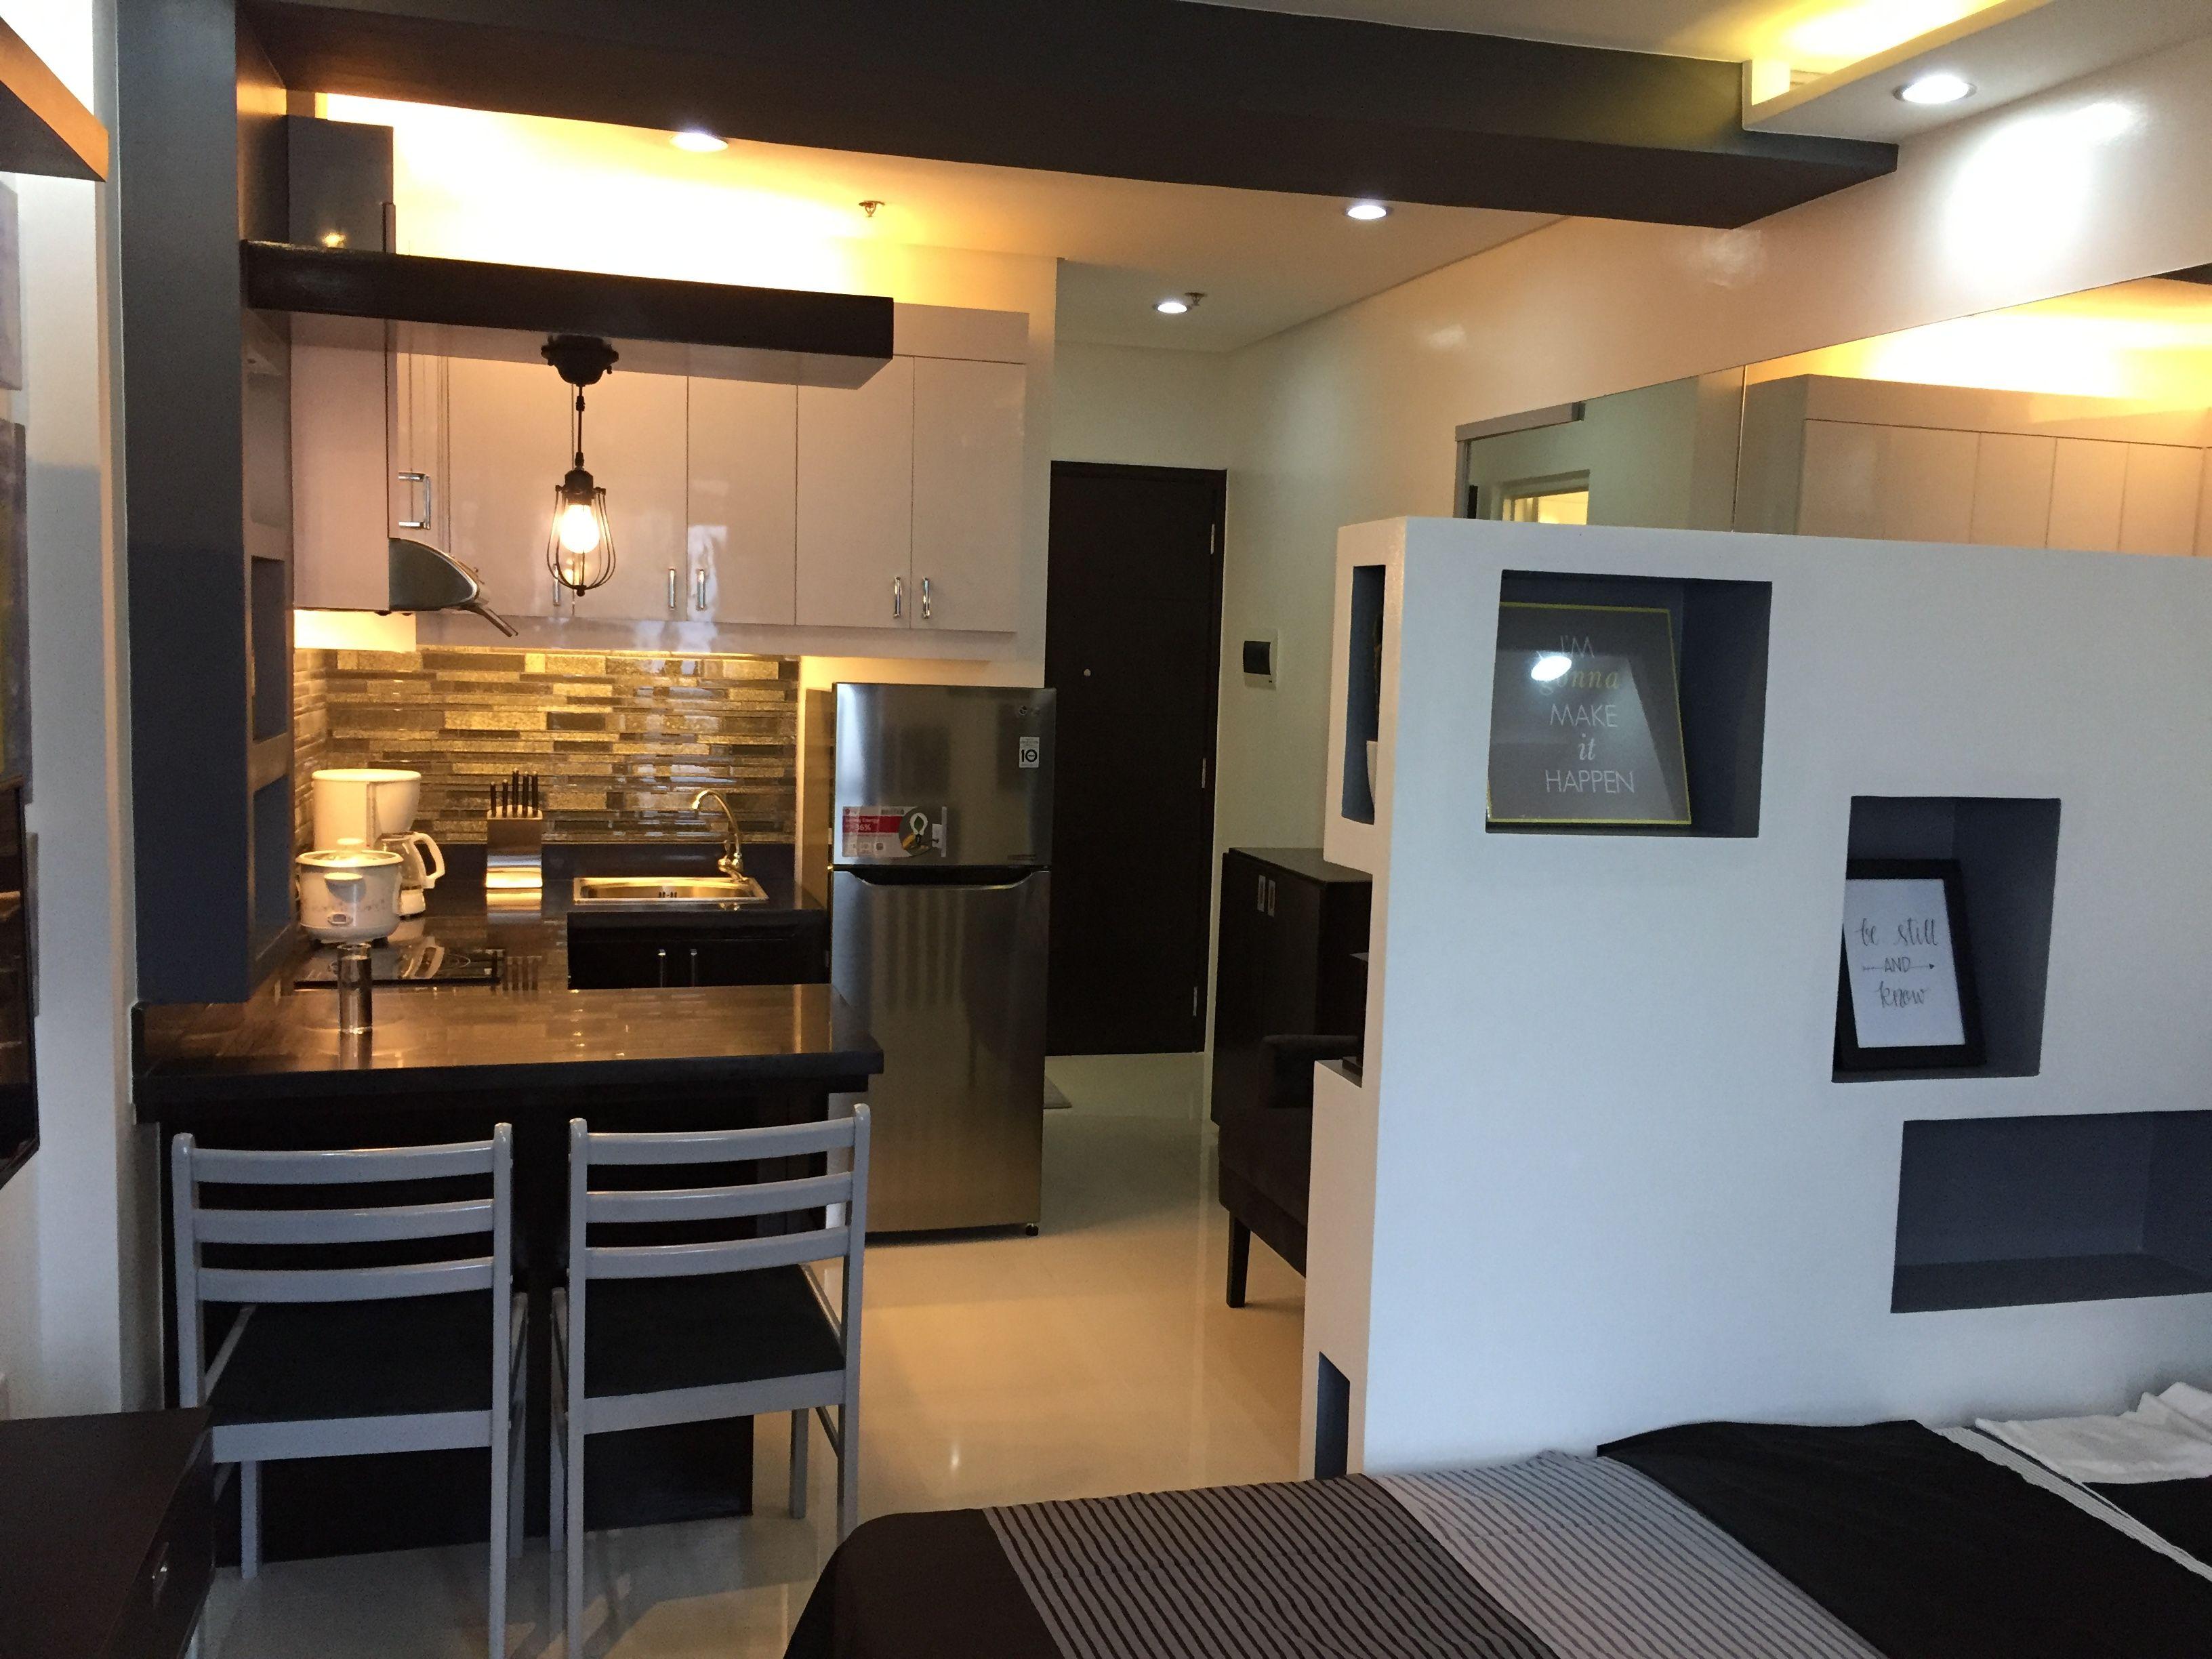 Studio Type Apartment Interior Design Ideas Novocom Top